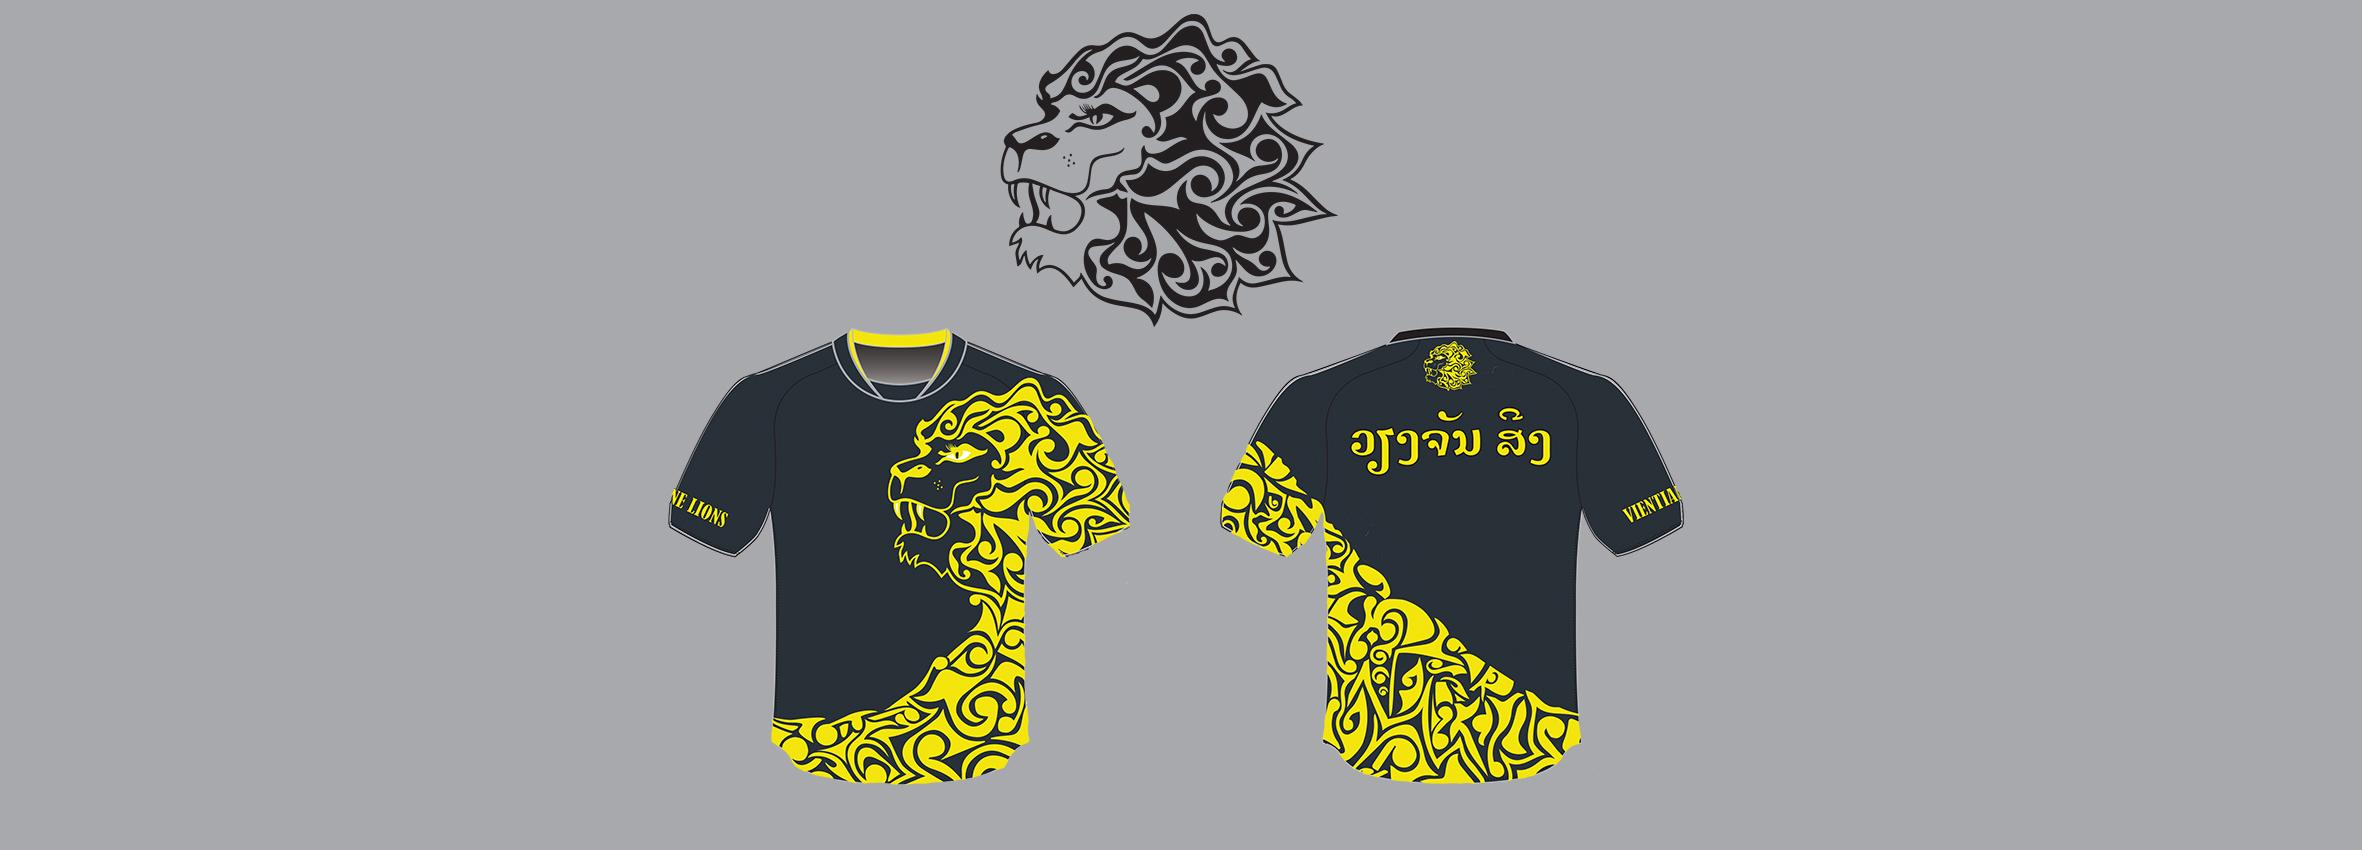 Vientiane Lions practice jersey